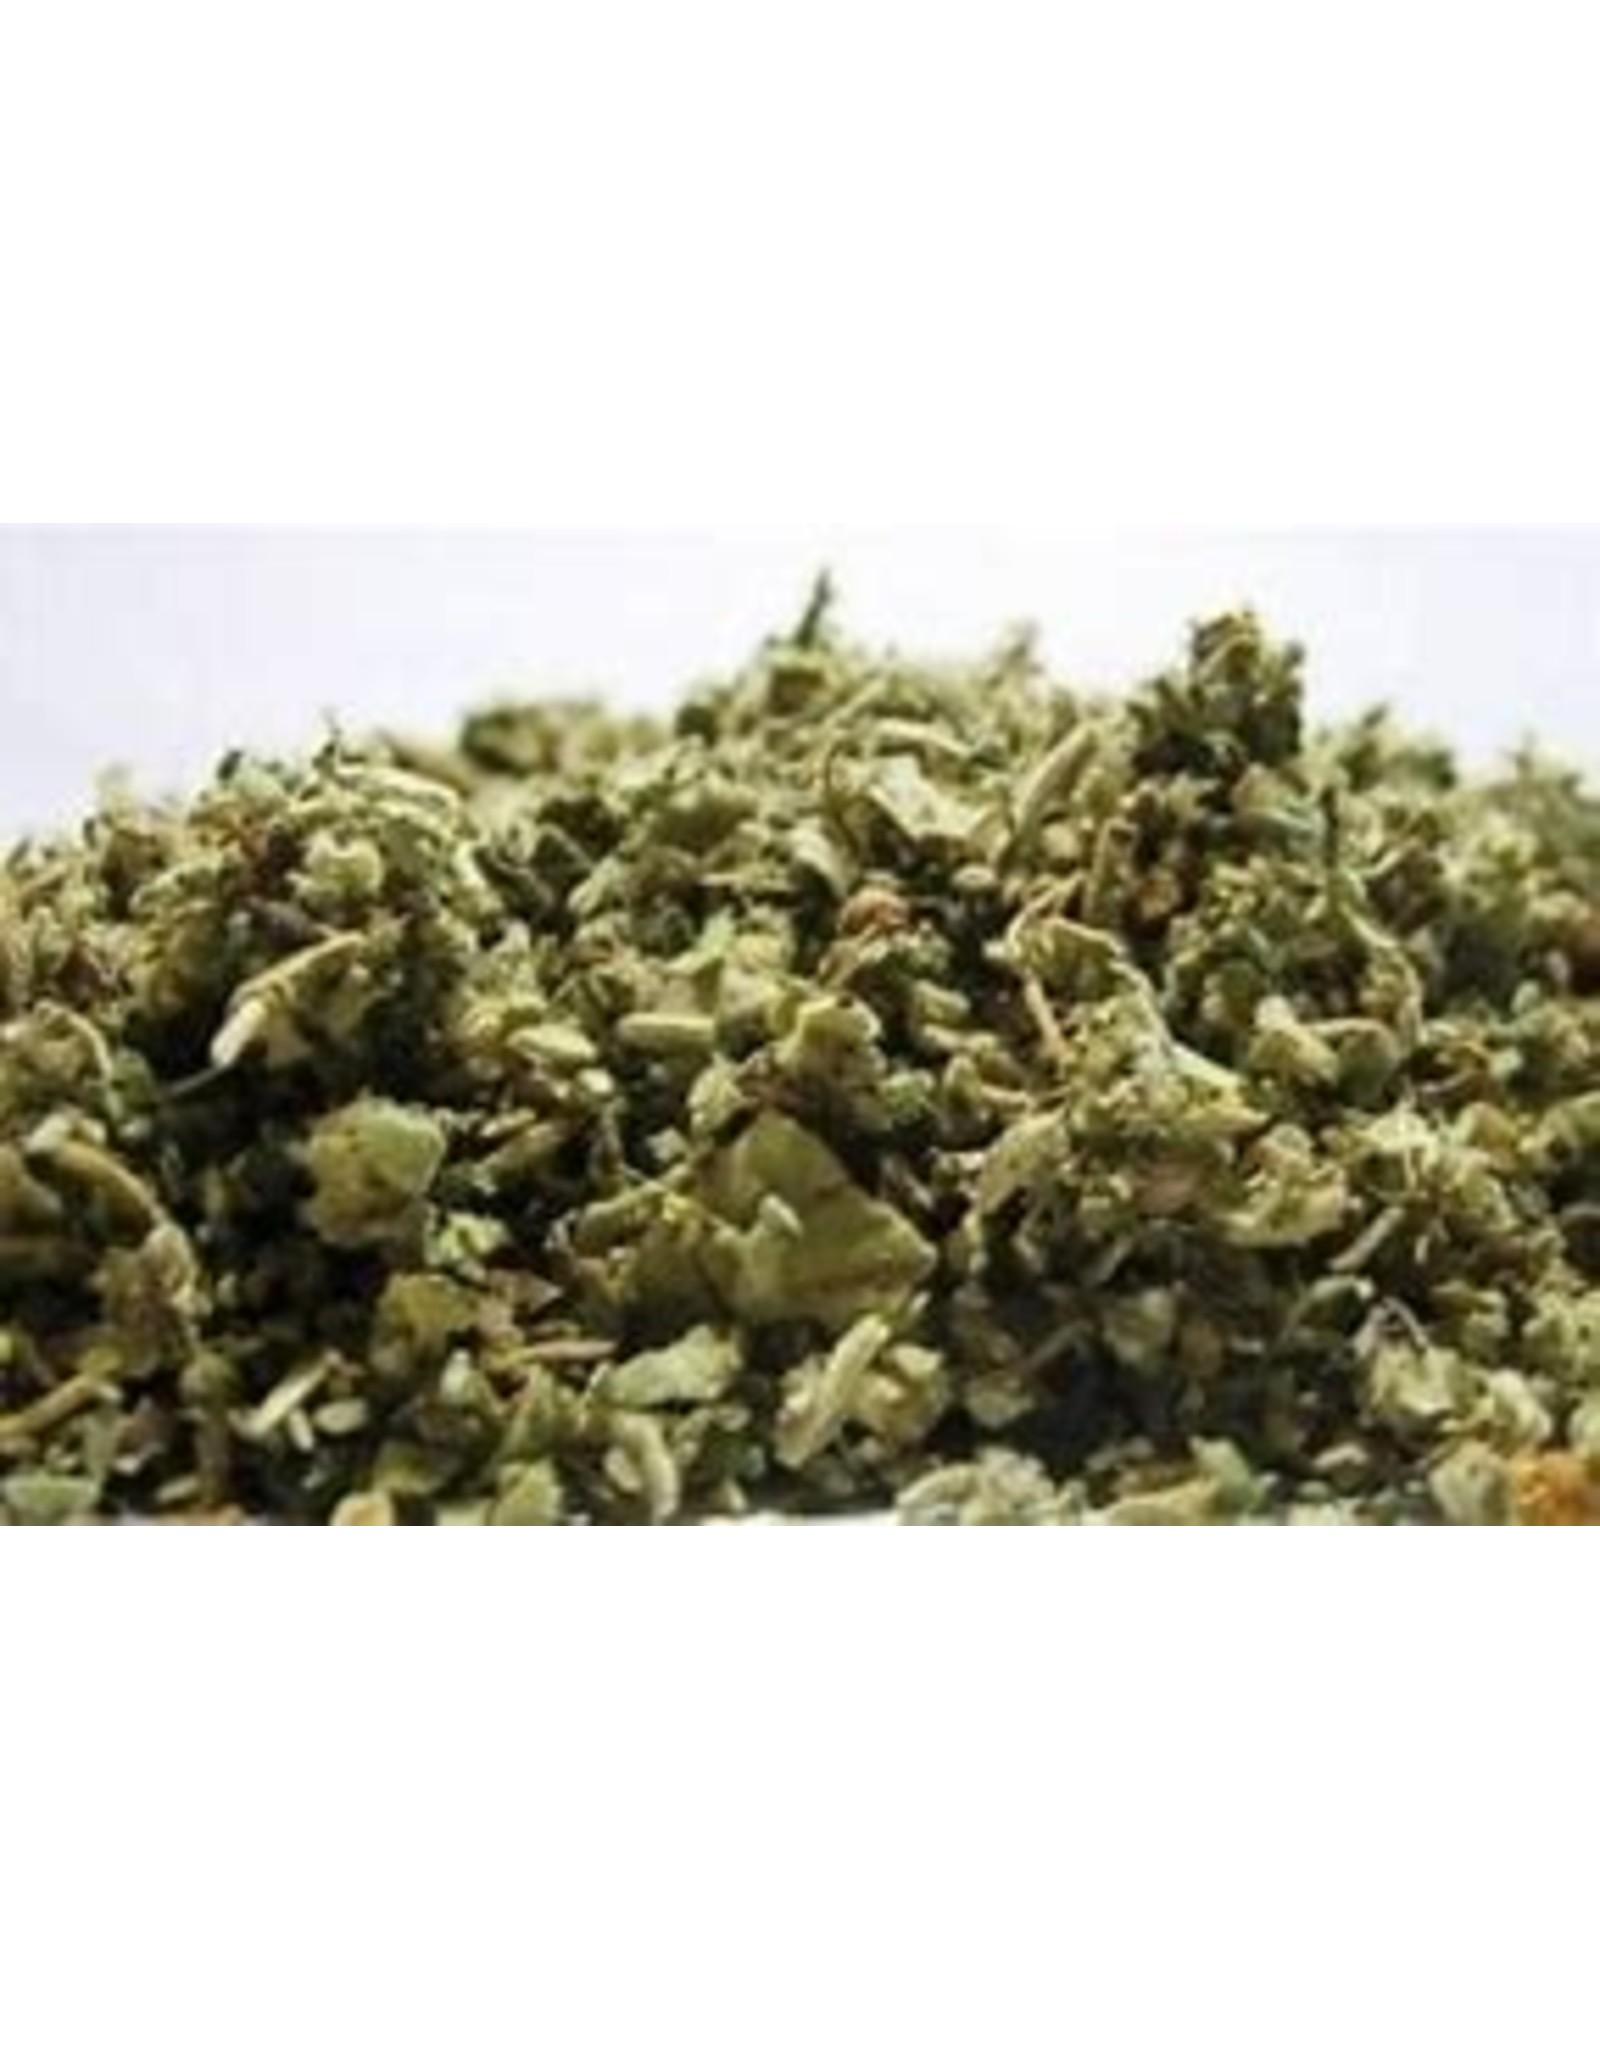 Mullein Leaf 1 oz